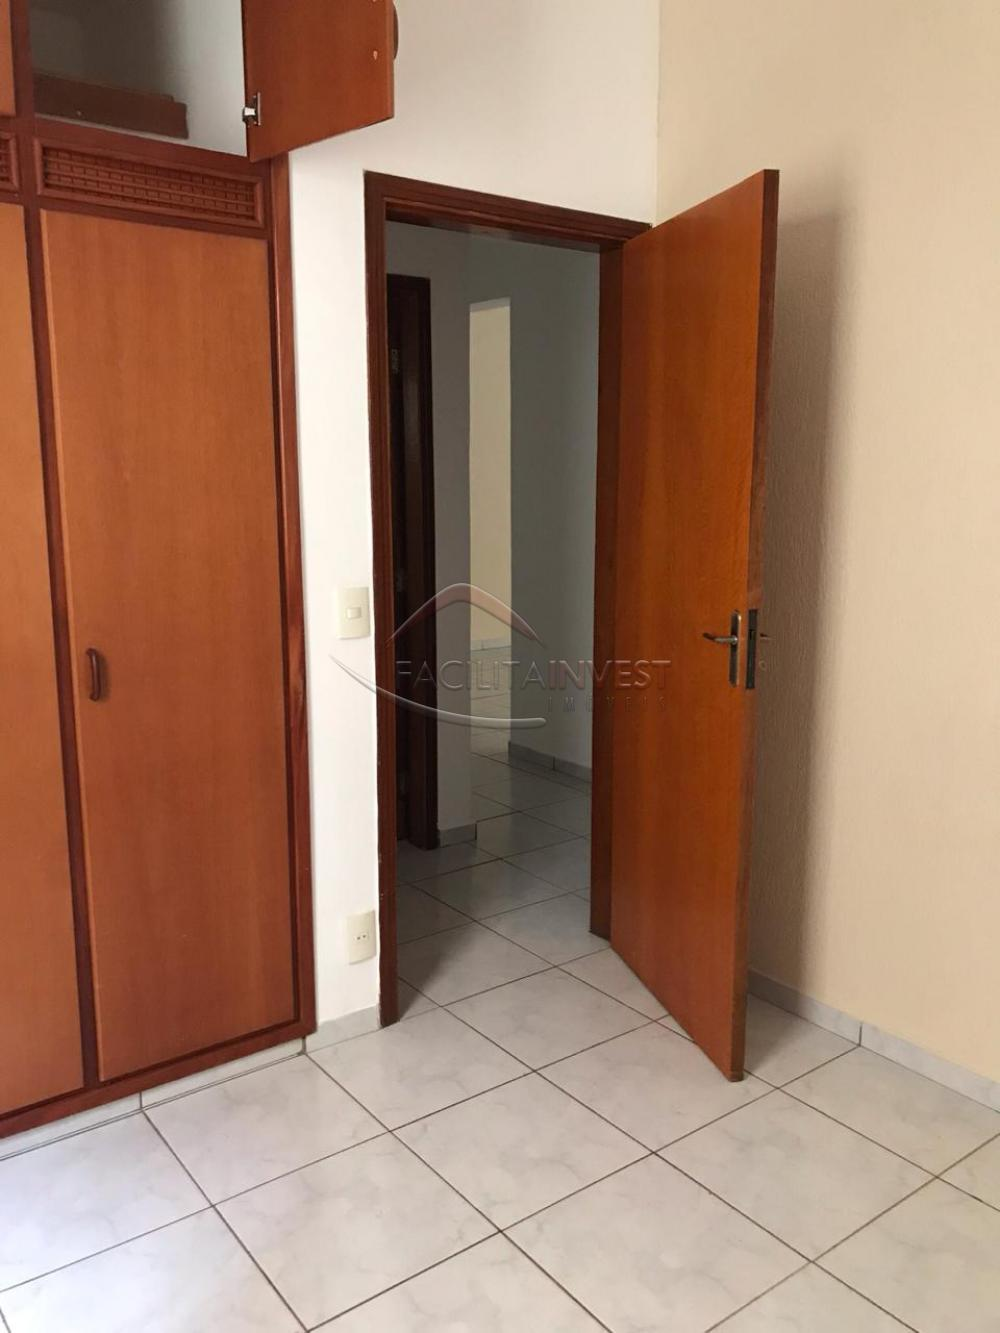 Alugar Apartamentos / Apart. Padrão em Ribeirão Preto apenas R$ 1.250,00 - Foto 7